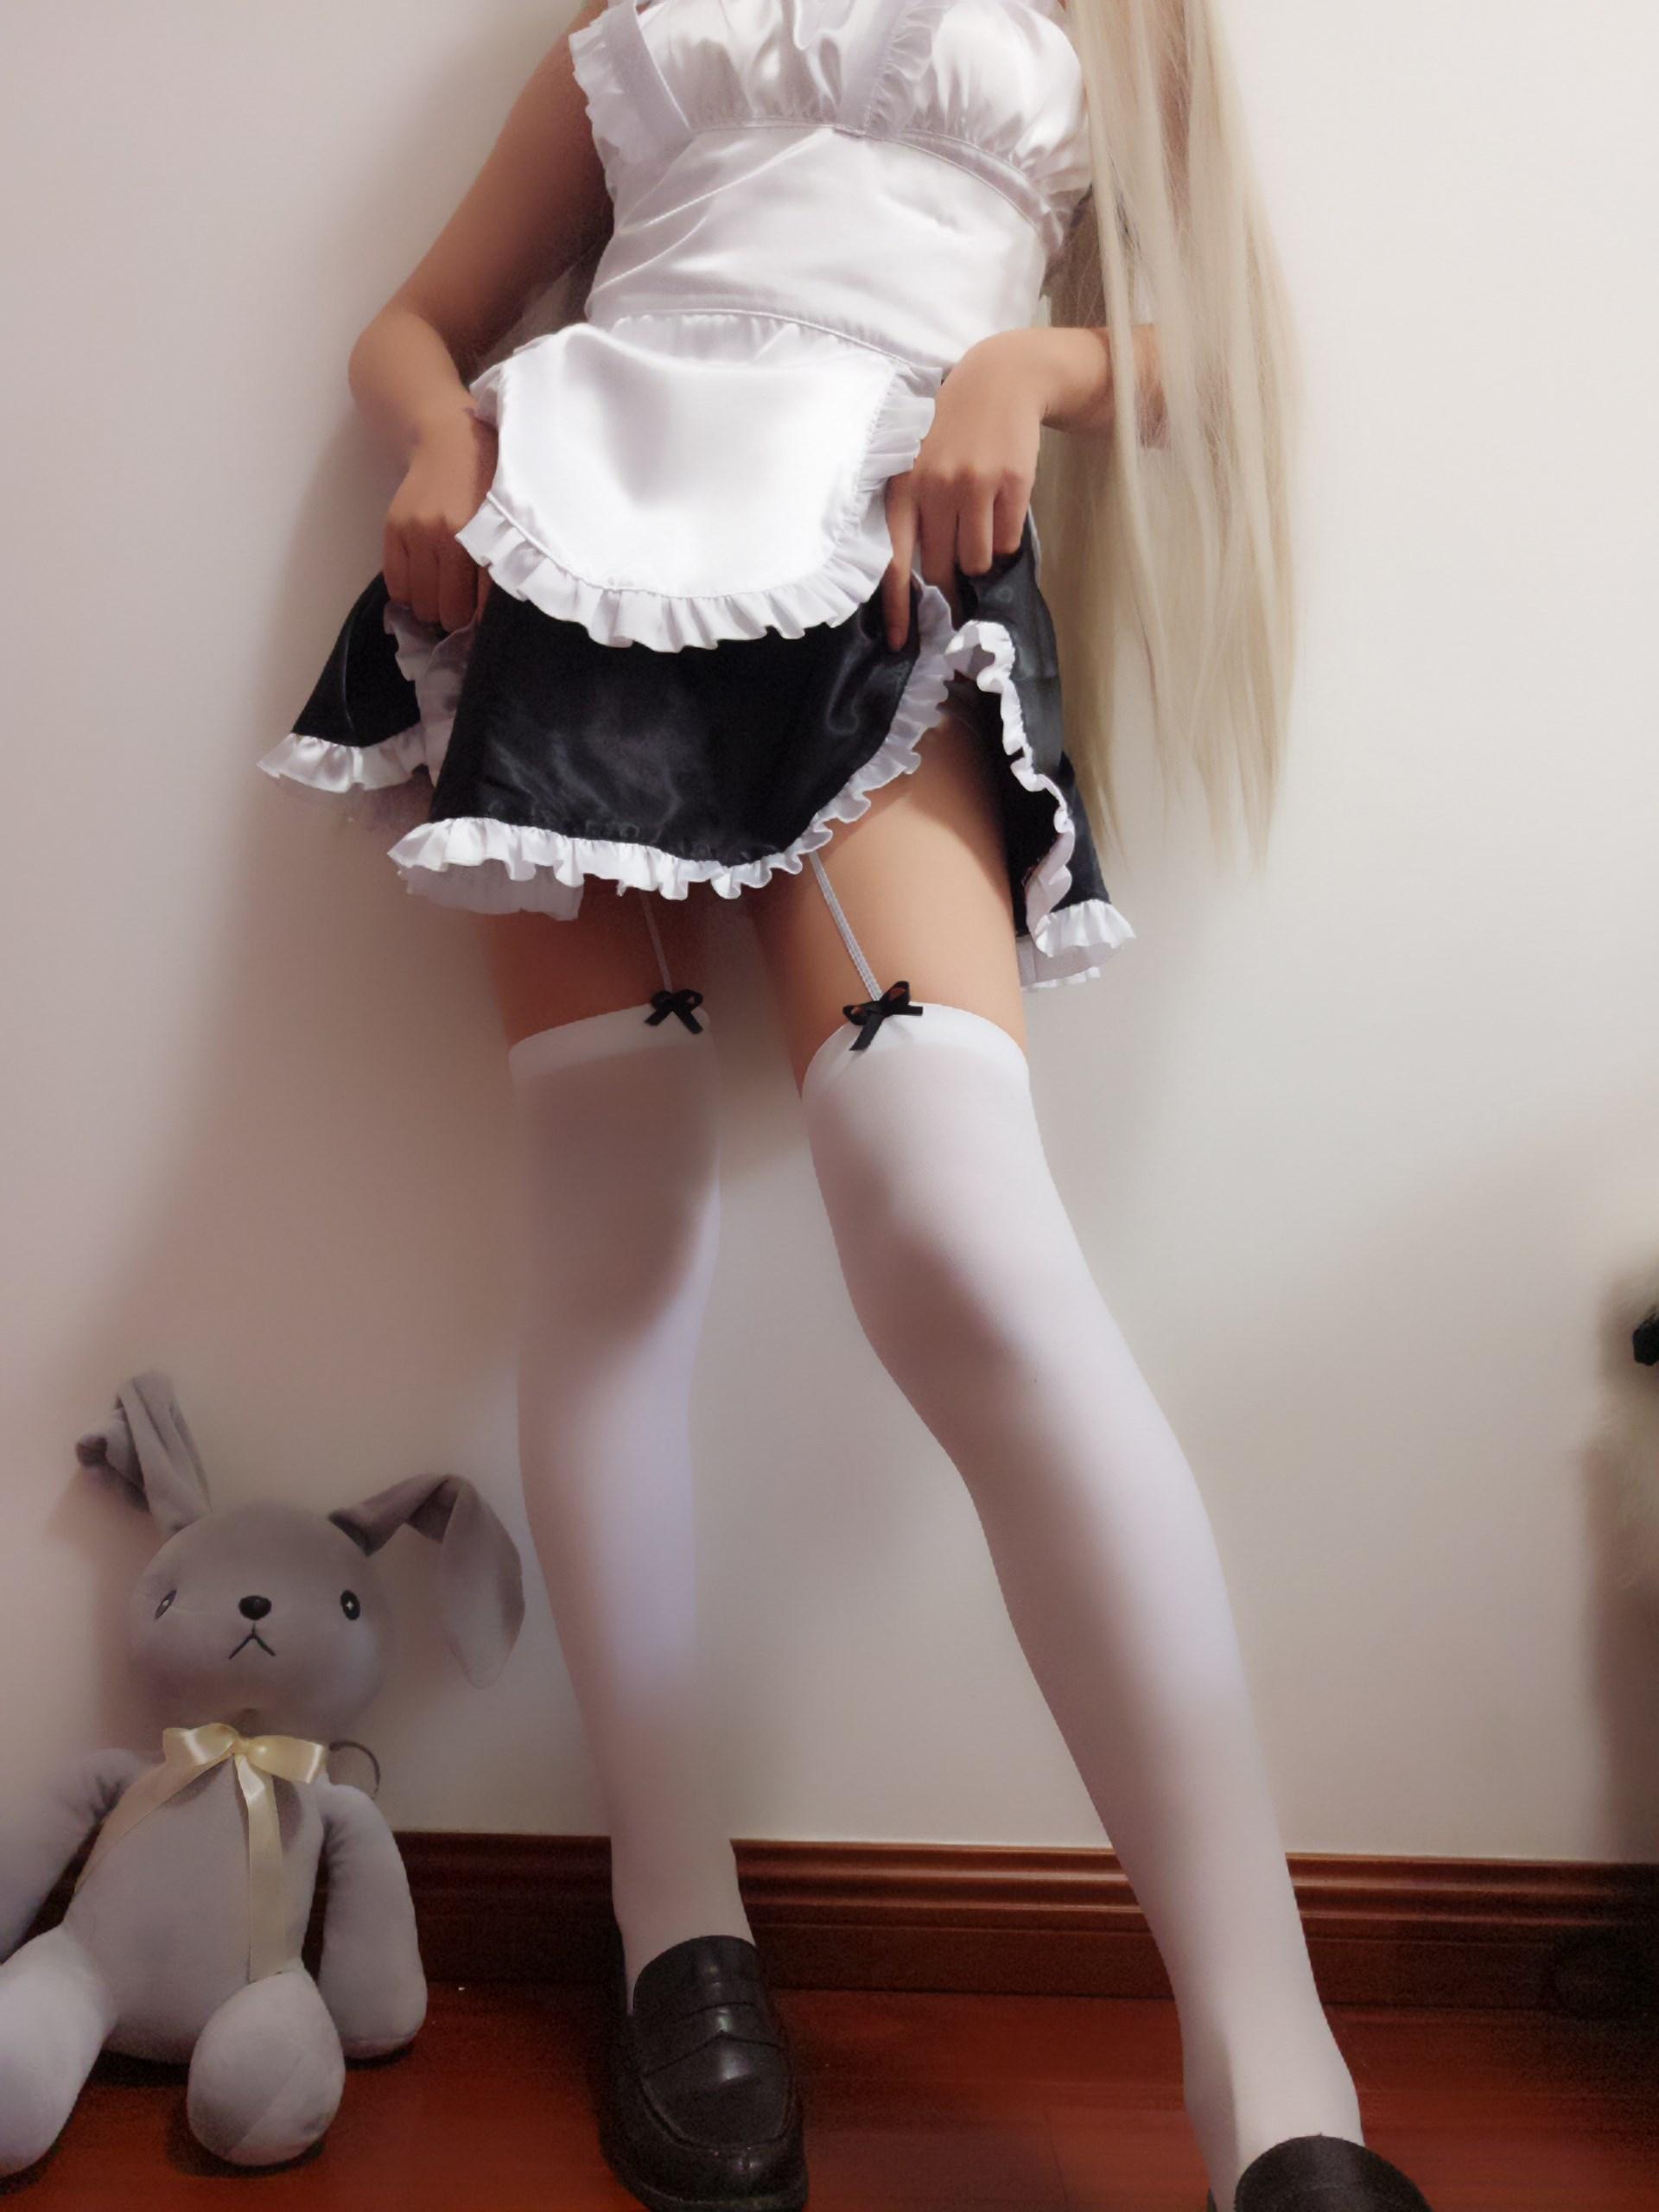 【兔玩映画】萌妹自拍-穹妹女仆装 兔玩映画 第27张